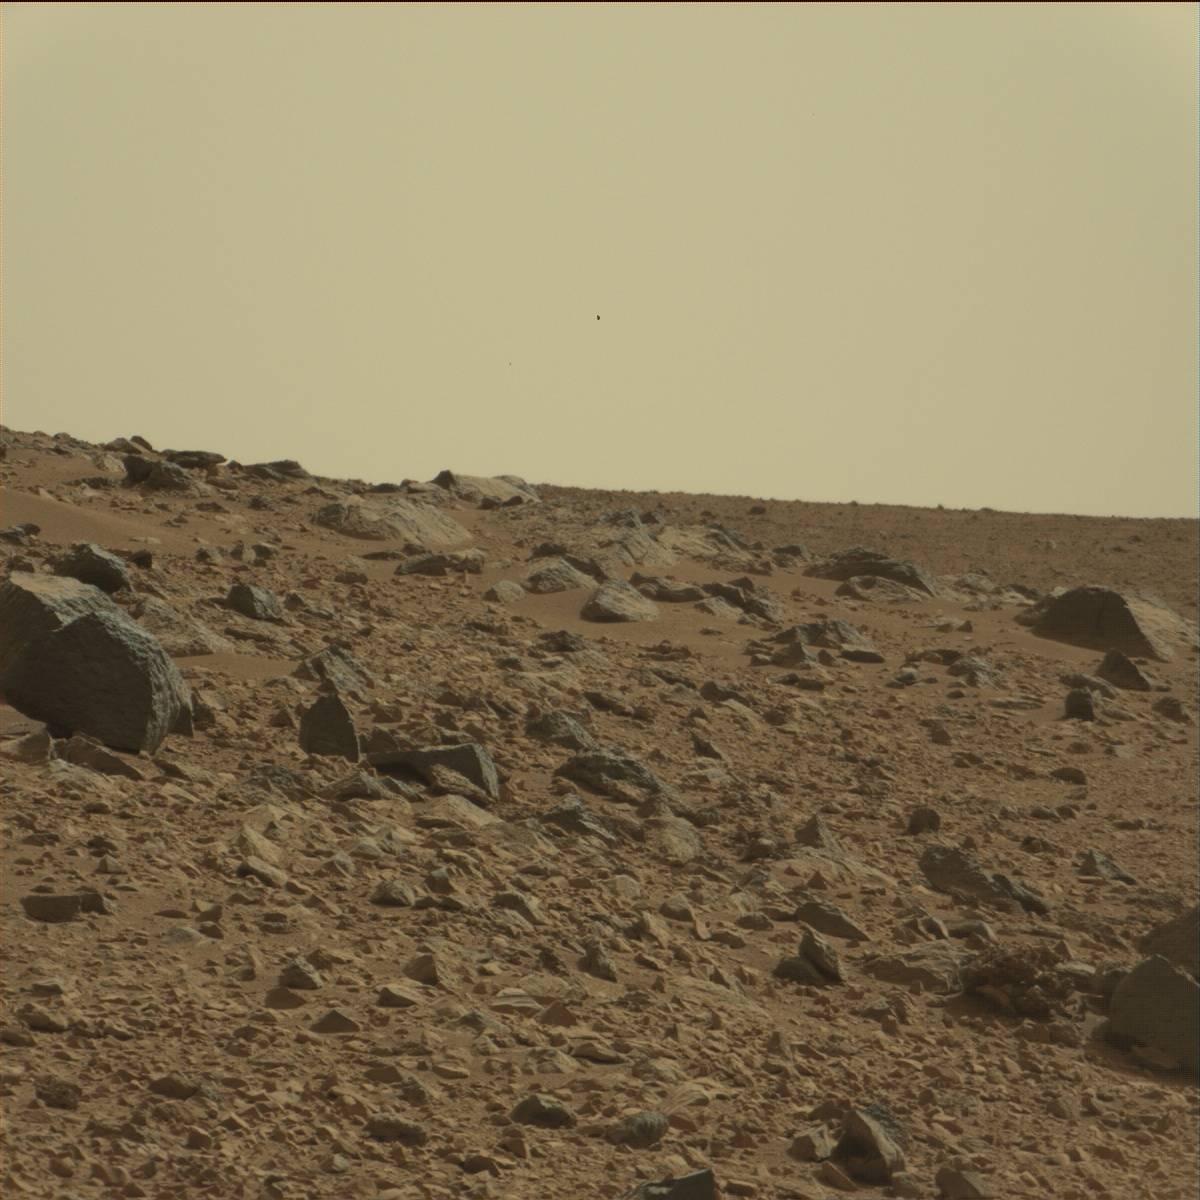 rover 75 mars - photo #29